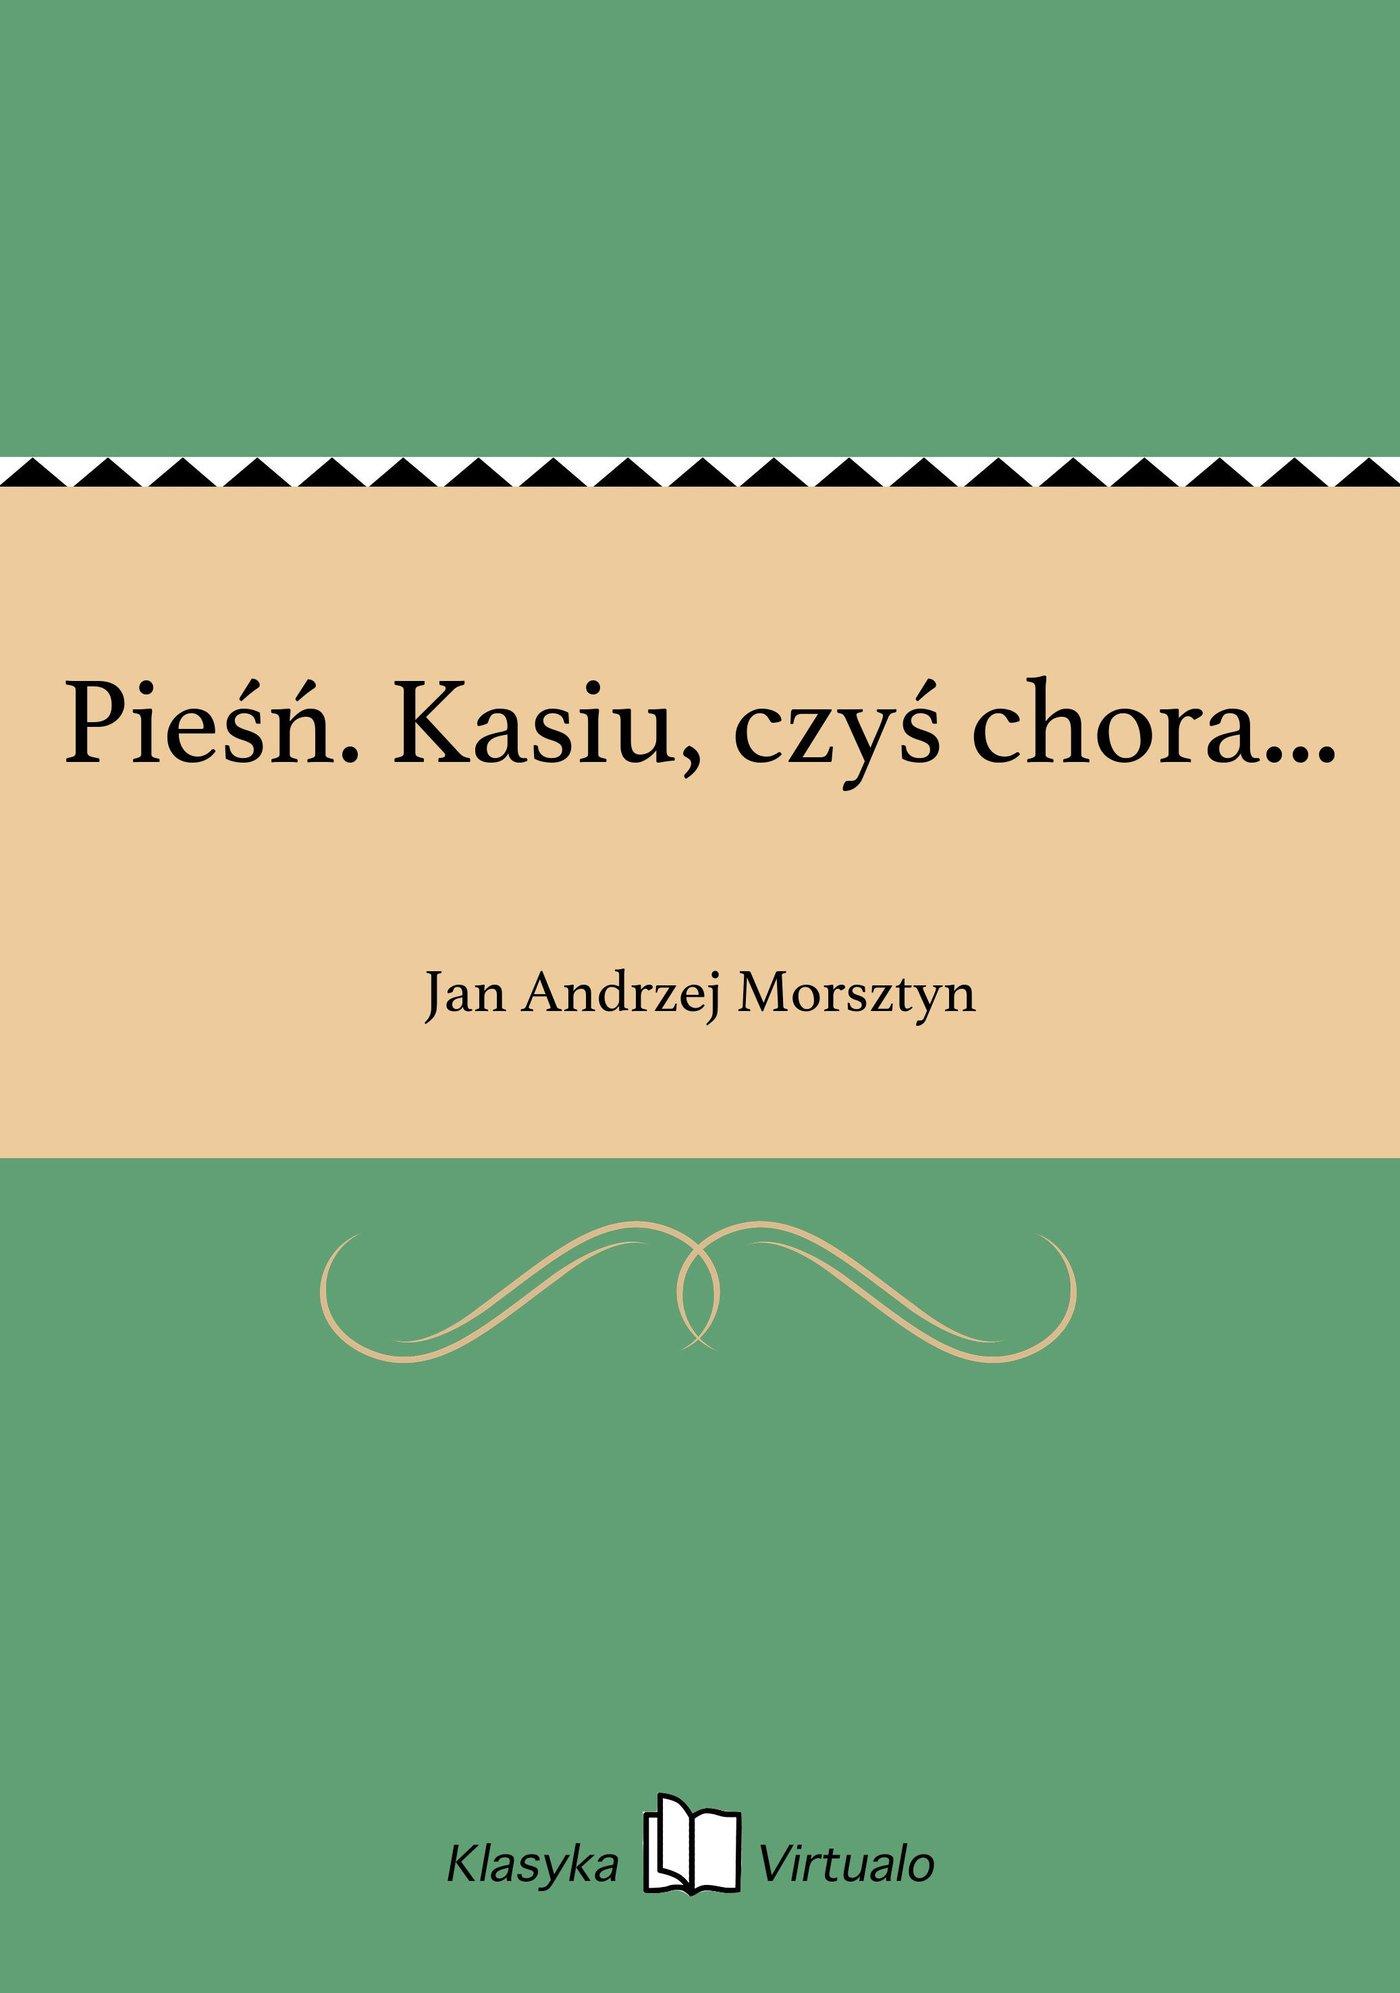 Pieśń. Kasiu, czyś chora... - Ebook (Książka EPUB) do pobrania w formacie EPUB